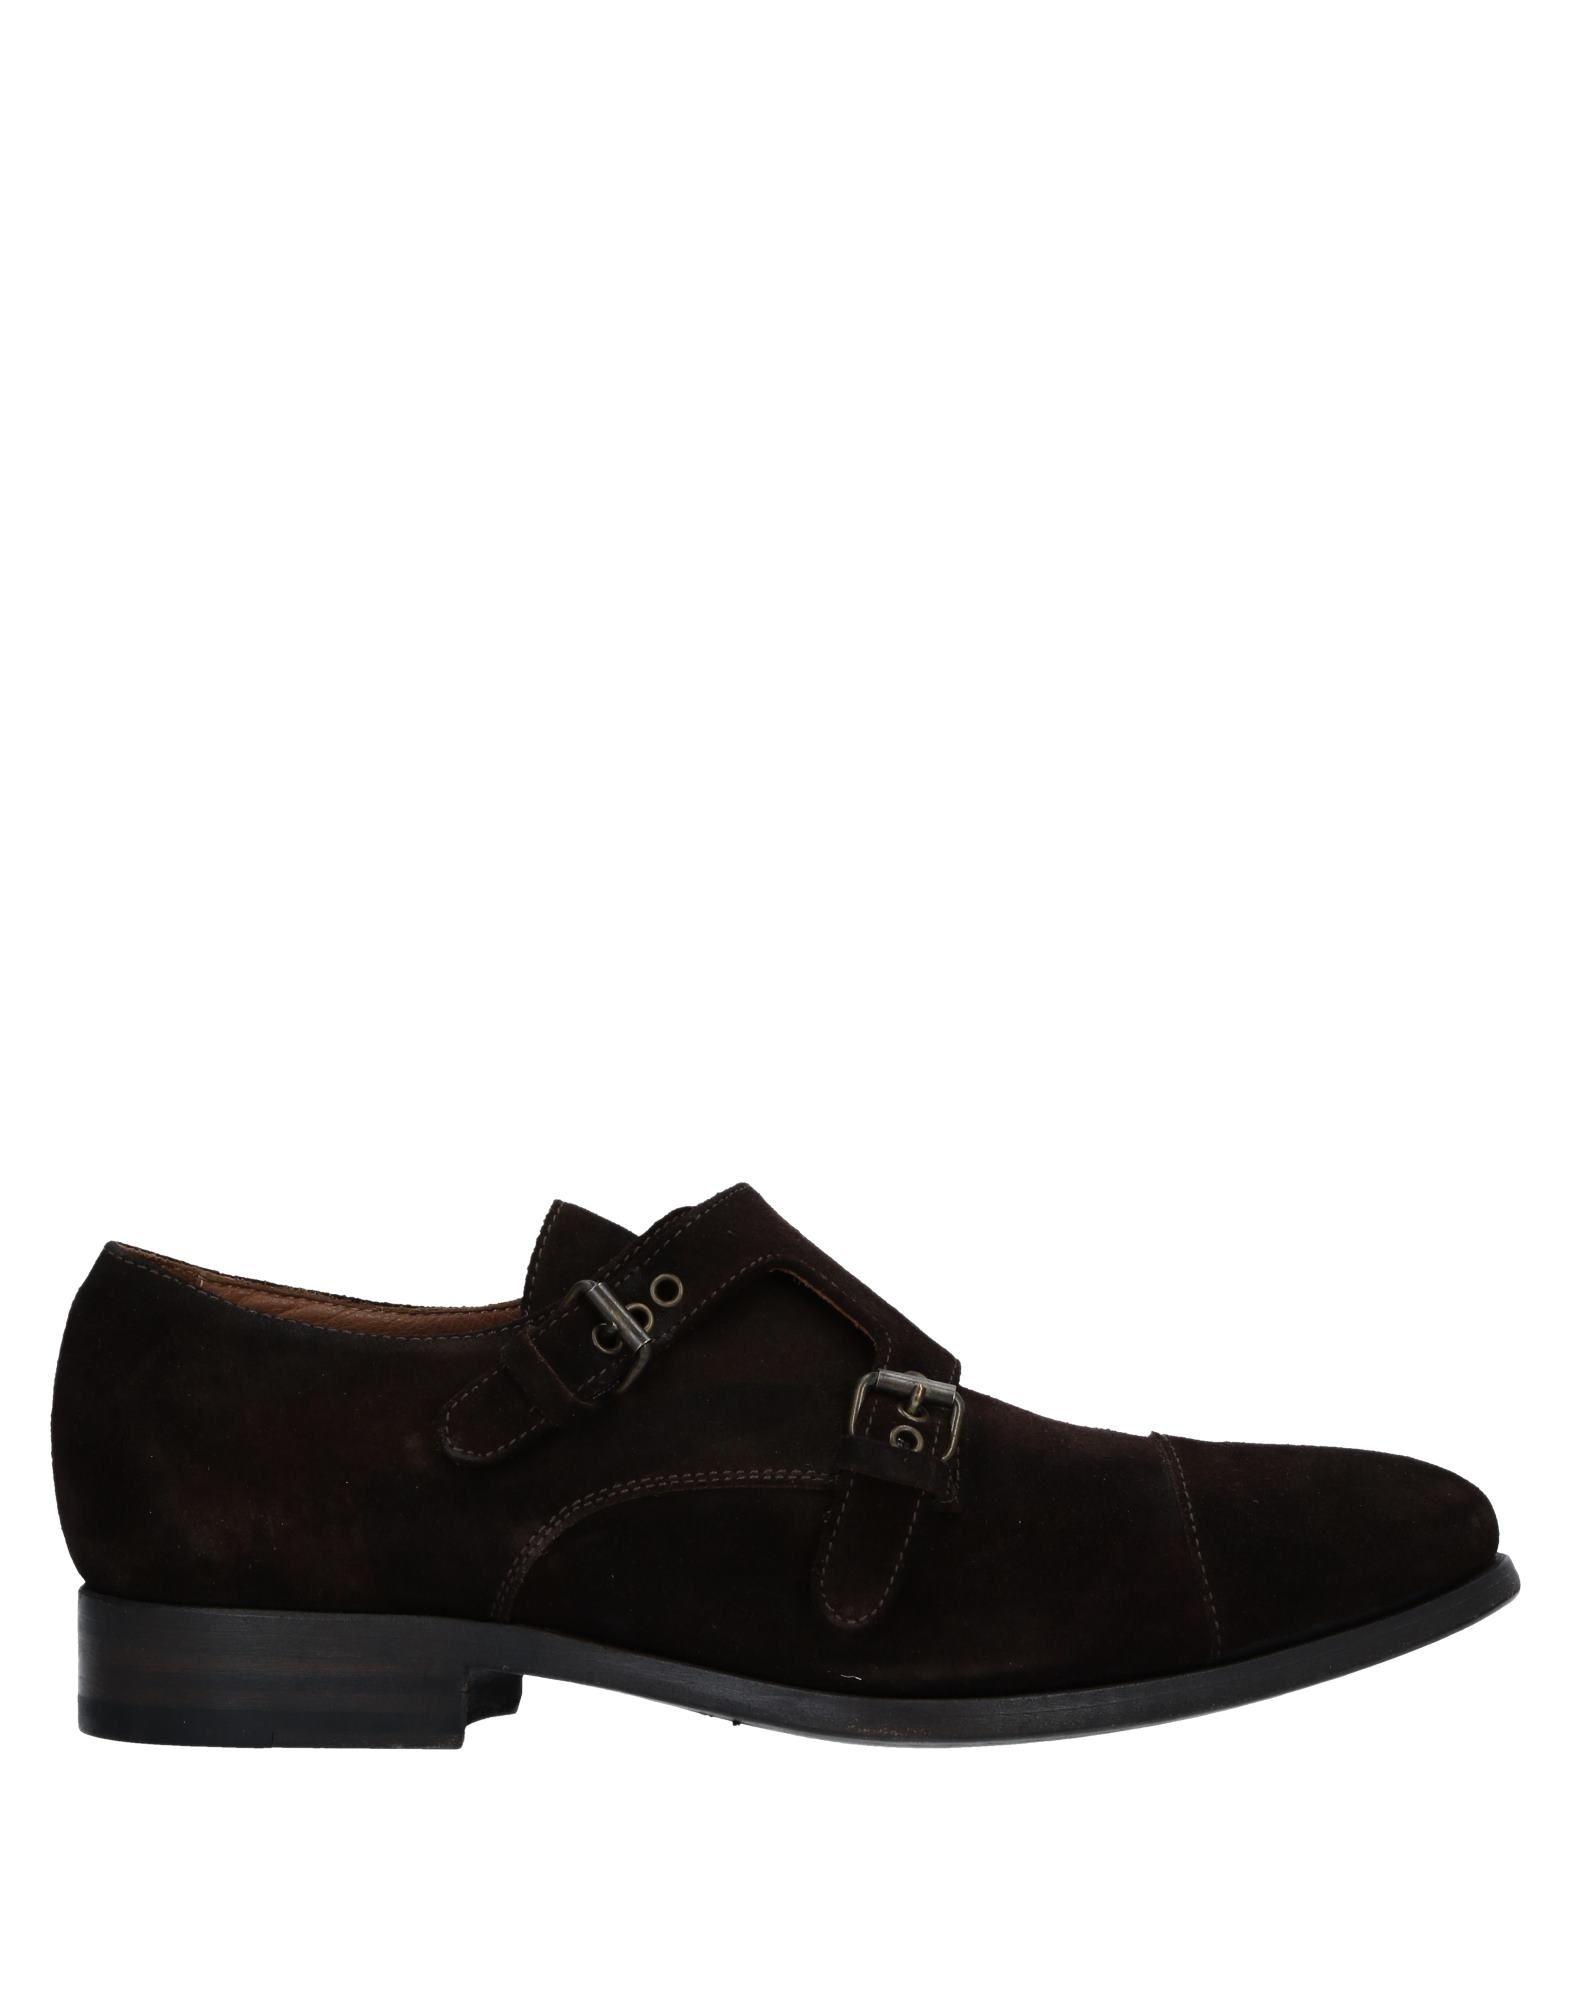 Buttero® Mokassins Herren  11171800JM Gute Qualität beliebte Schuhe